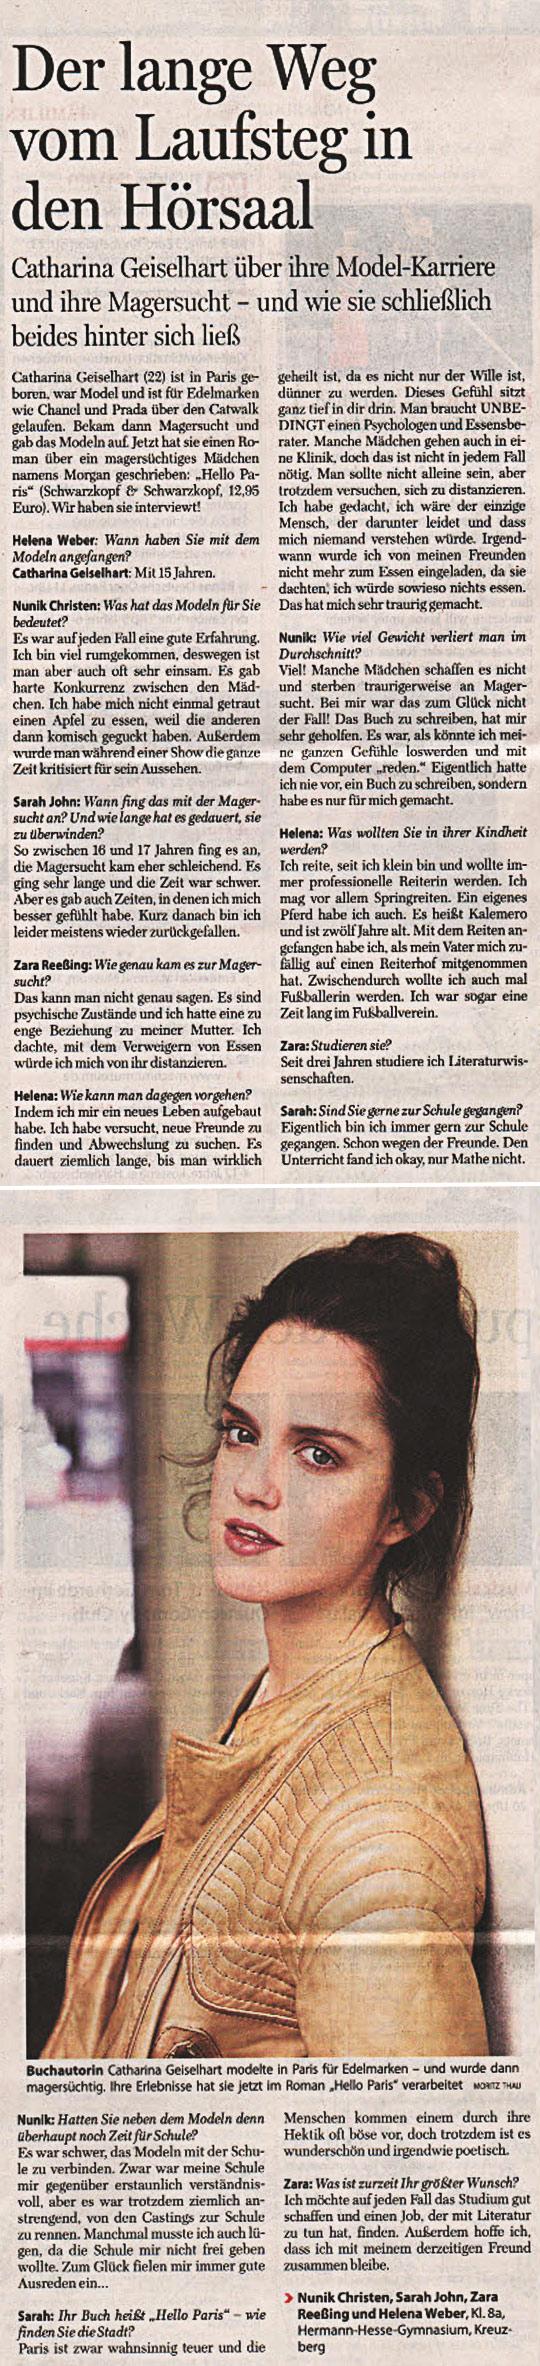 Interview in der Berliner Morgenpost vom 31.10.2011